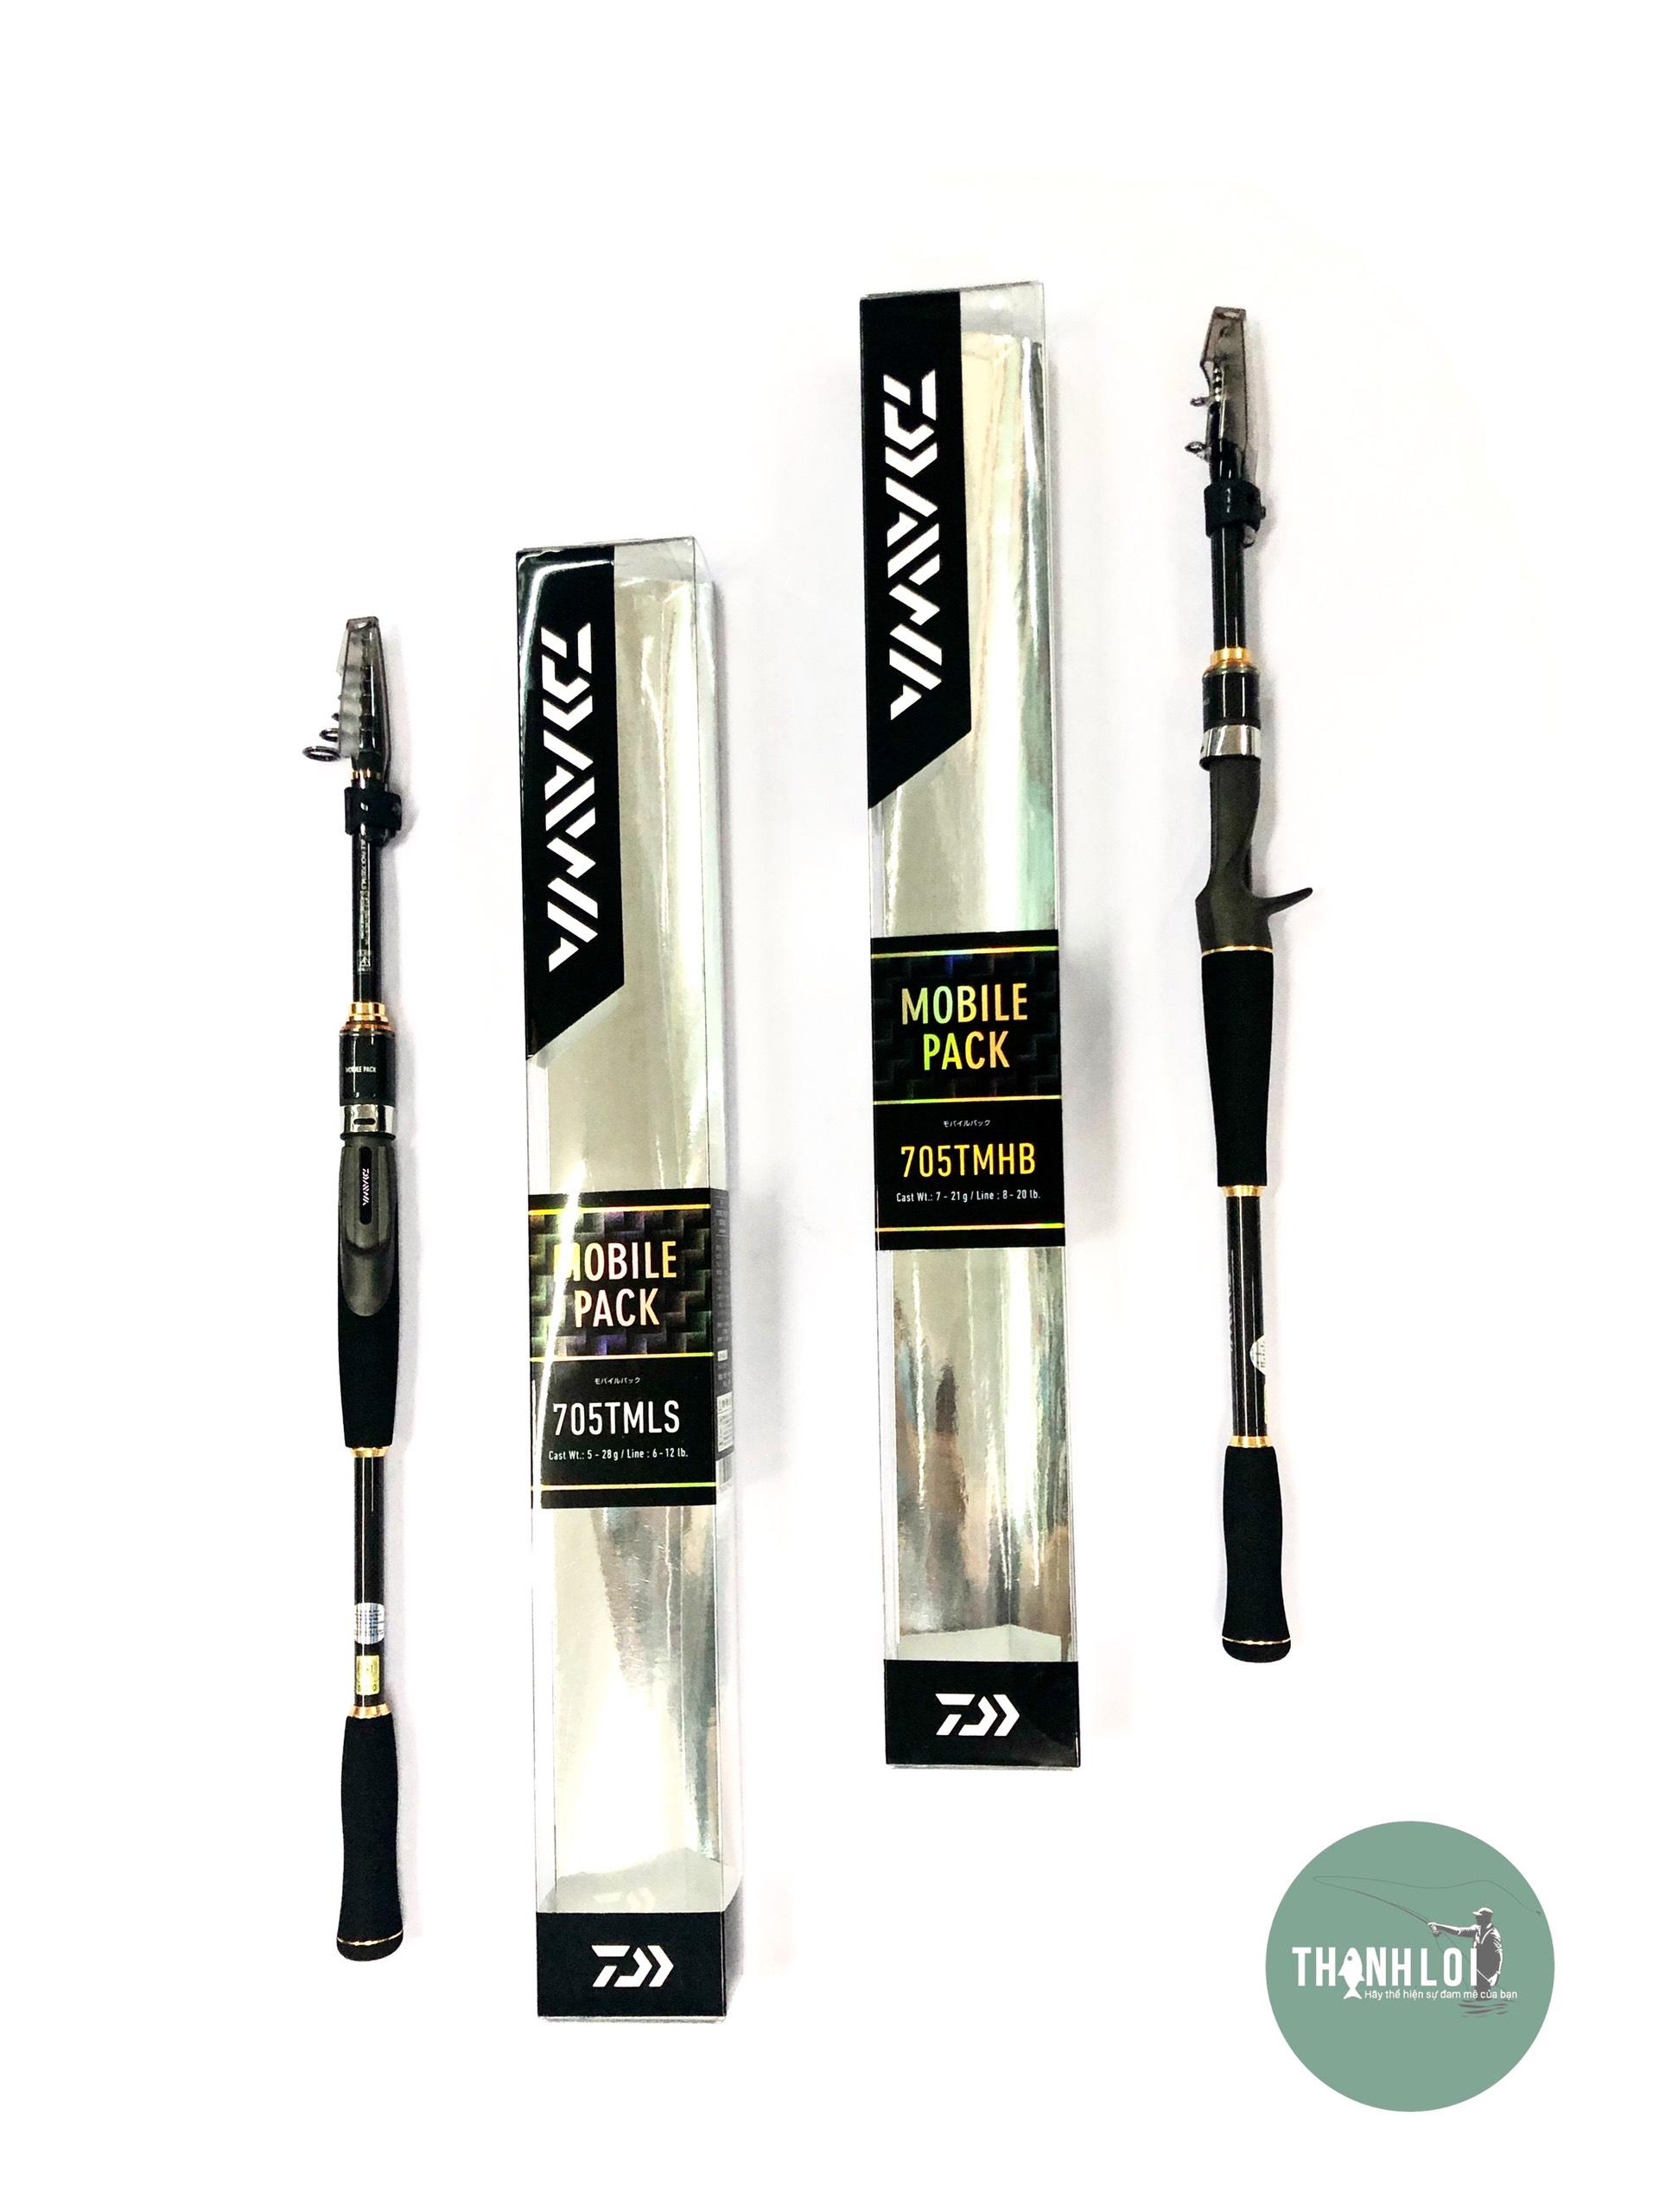 Cần Xếp Daiwa Mobile Pack